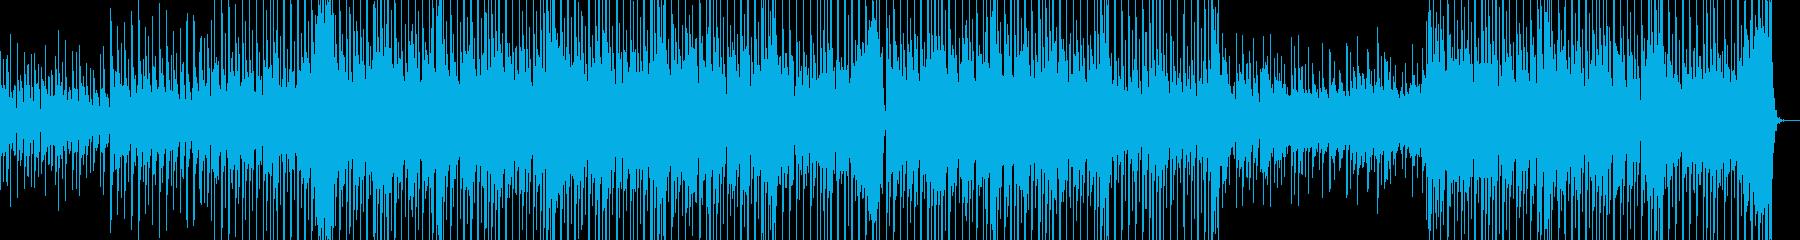 ちょっと切なくてかわいい感じの曲の再生済みの波形